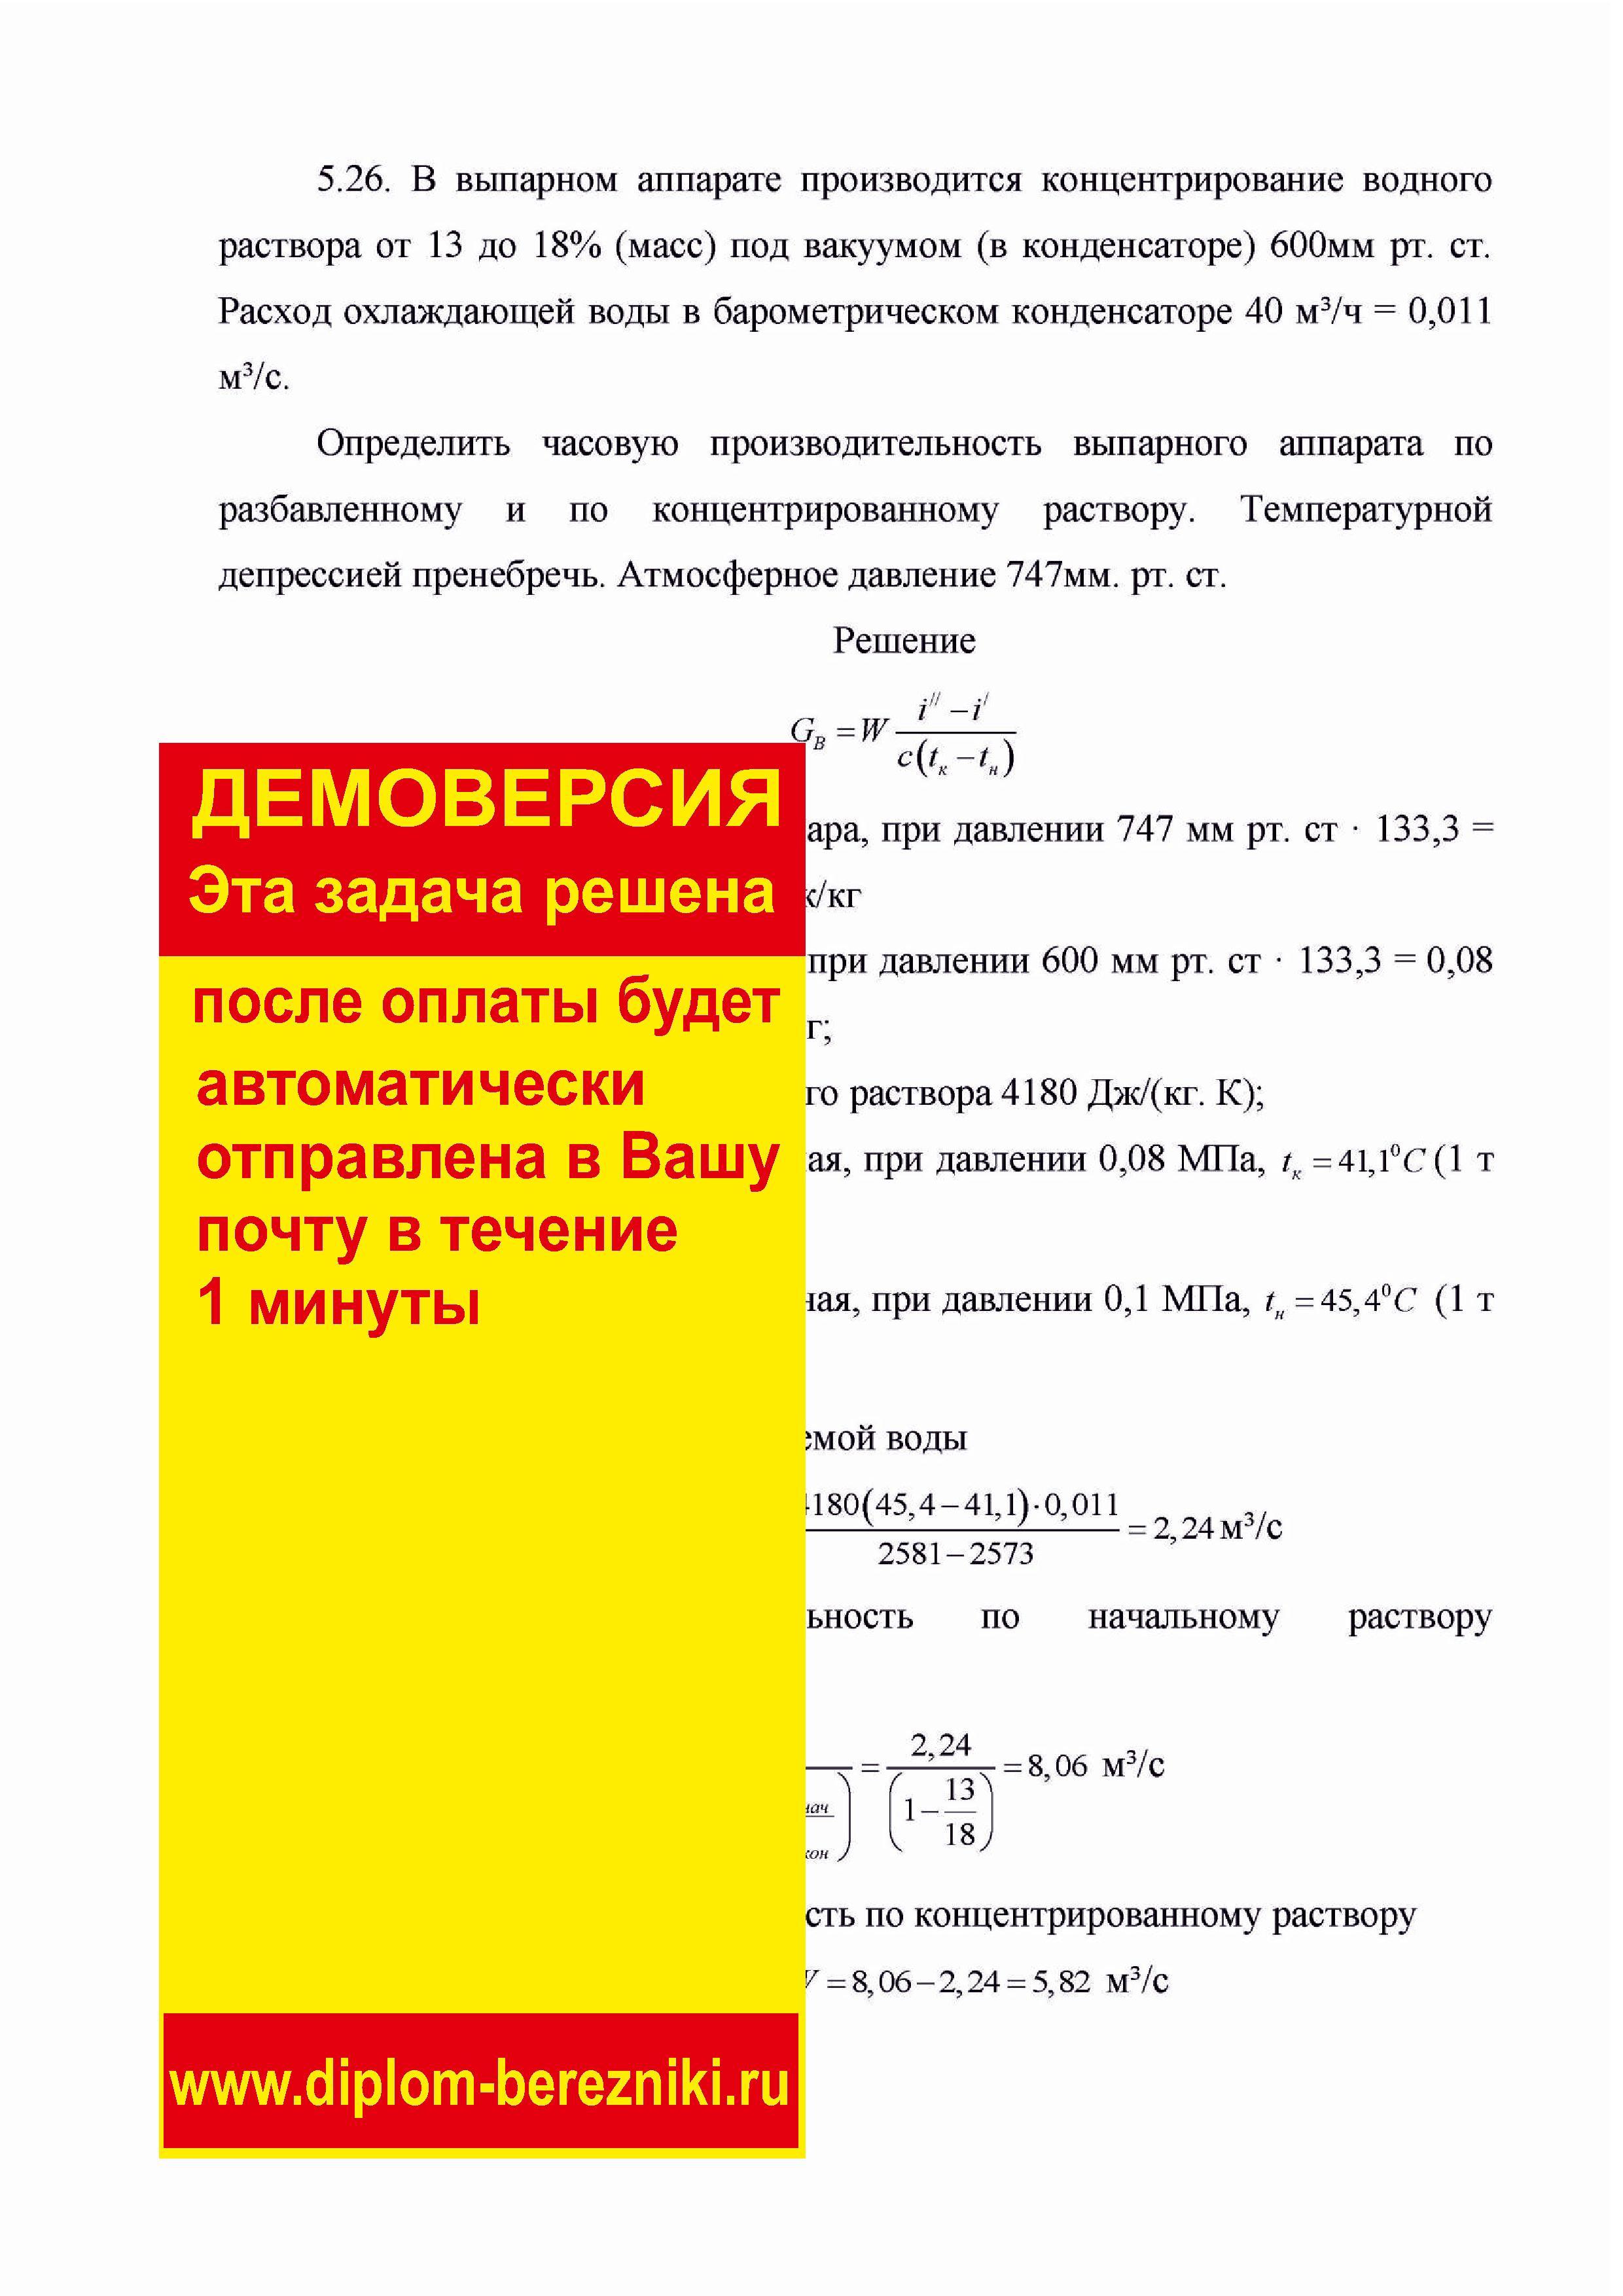 Решение задачи 5.26 по ПАХТ из задачника Павлова Романкова Носкова